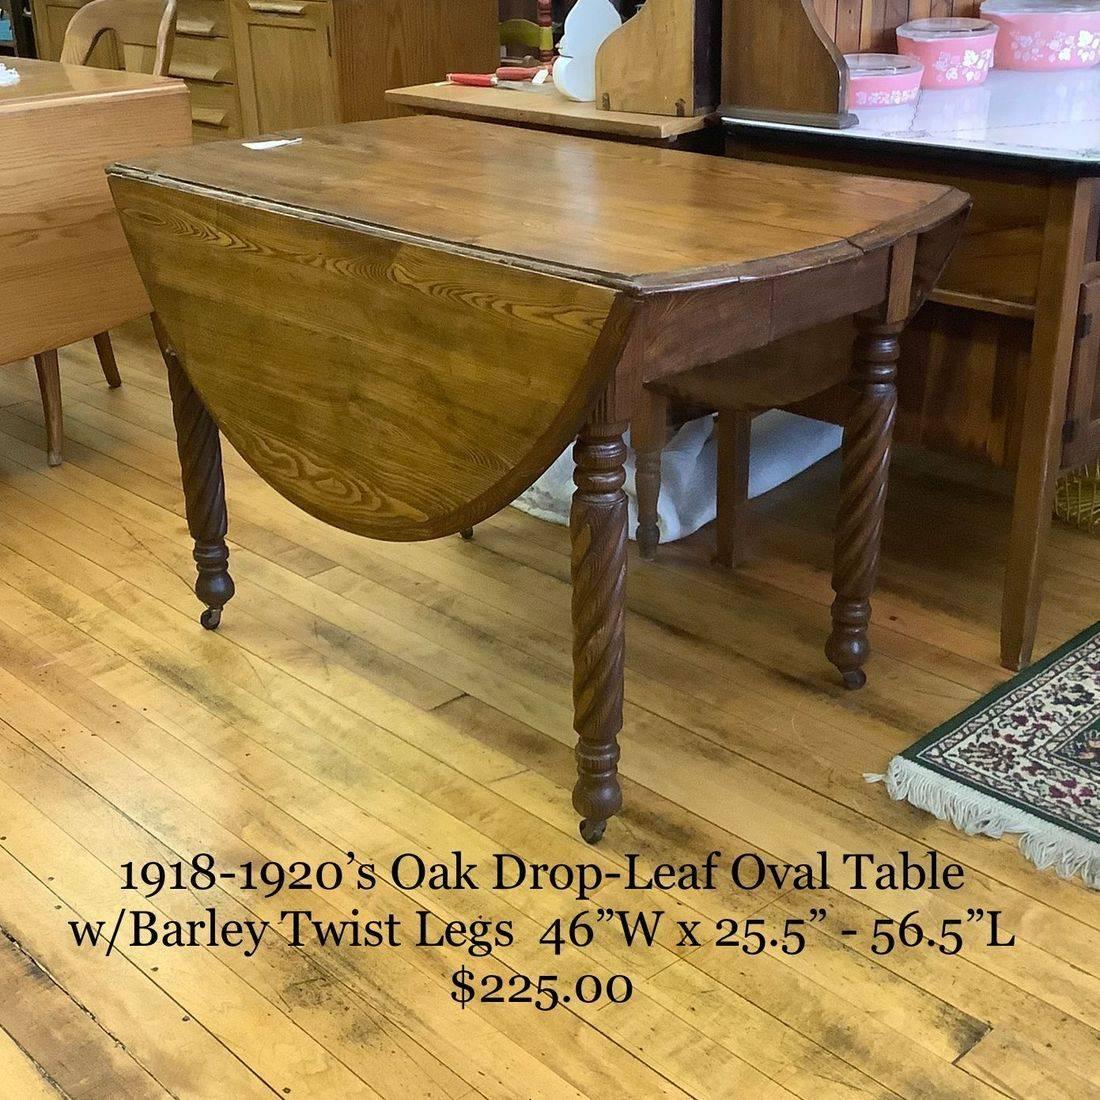 1918-1920's Oak Drop-Leaf Oval Table w/Barley Twist Legs   $225.00